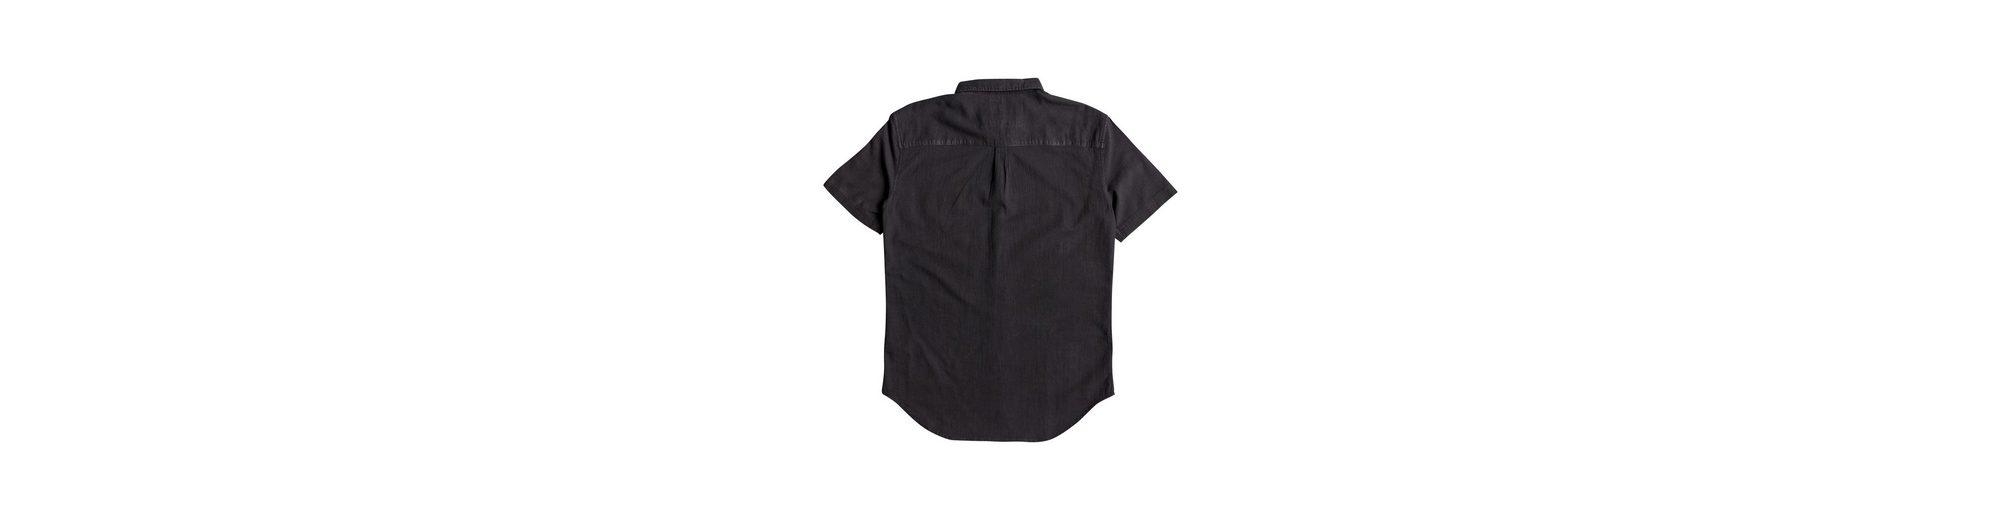 Quiksilver Kurzarmhemd New Time Box Rabatt Billigsten Auslass Eastbay Profi Zu Verkaufen ivUrpzQYv